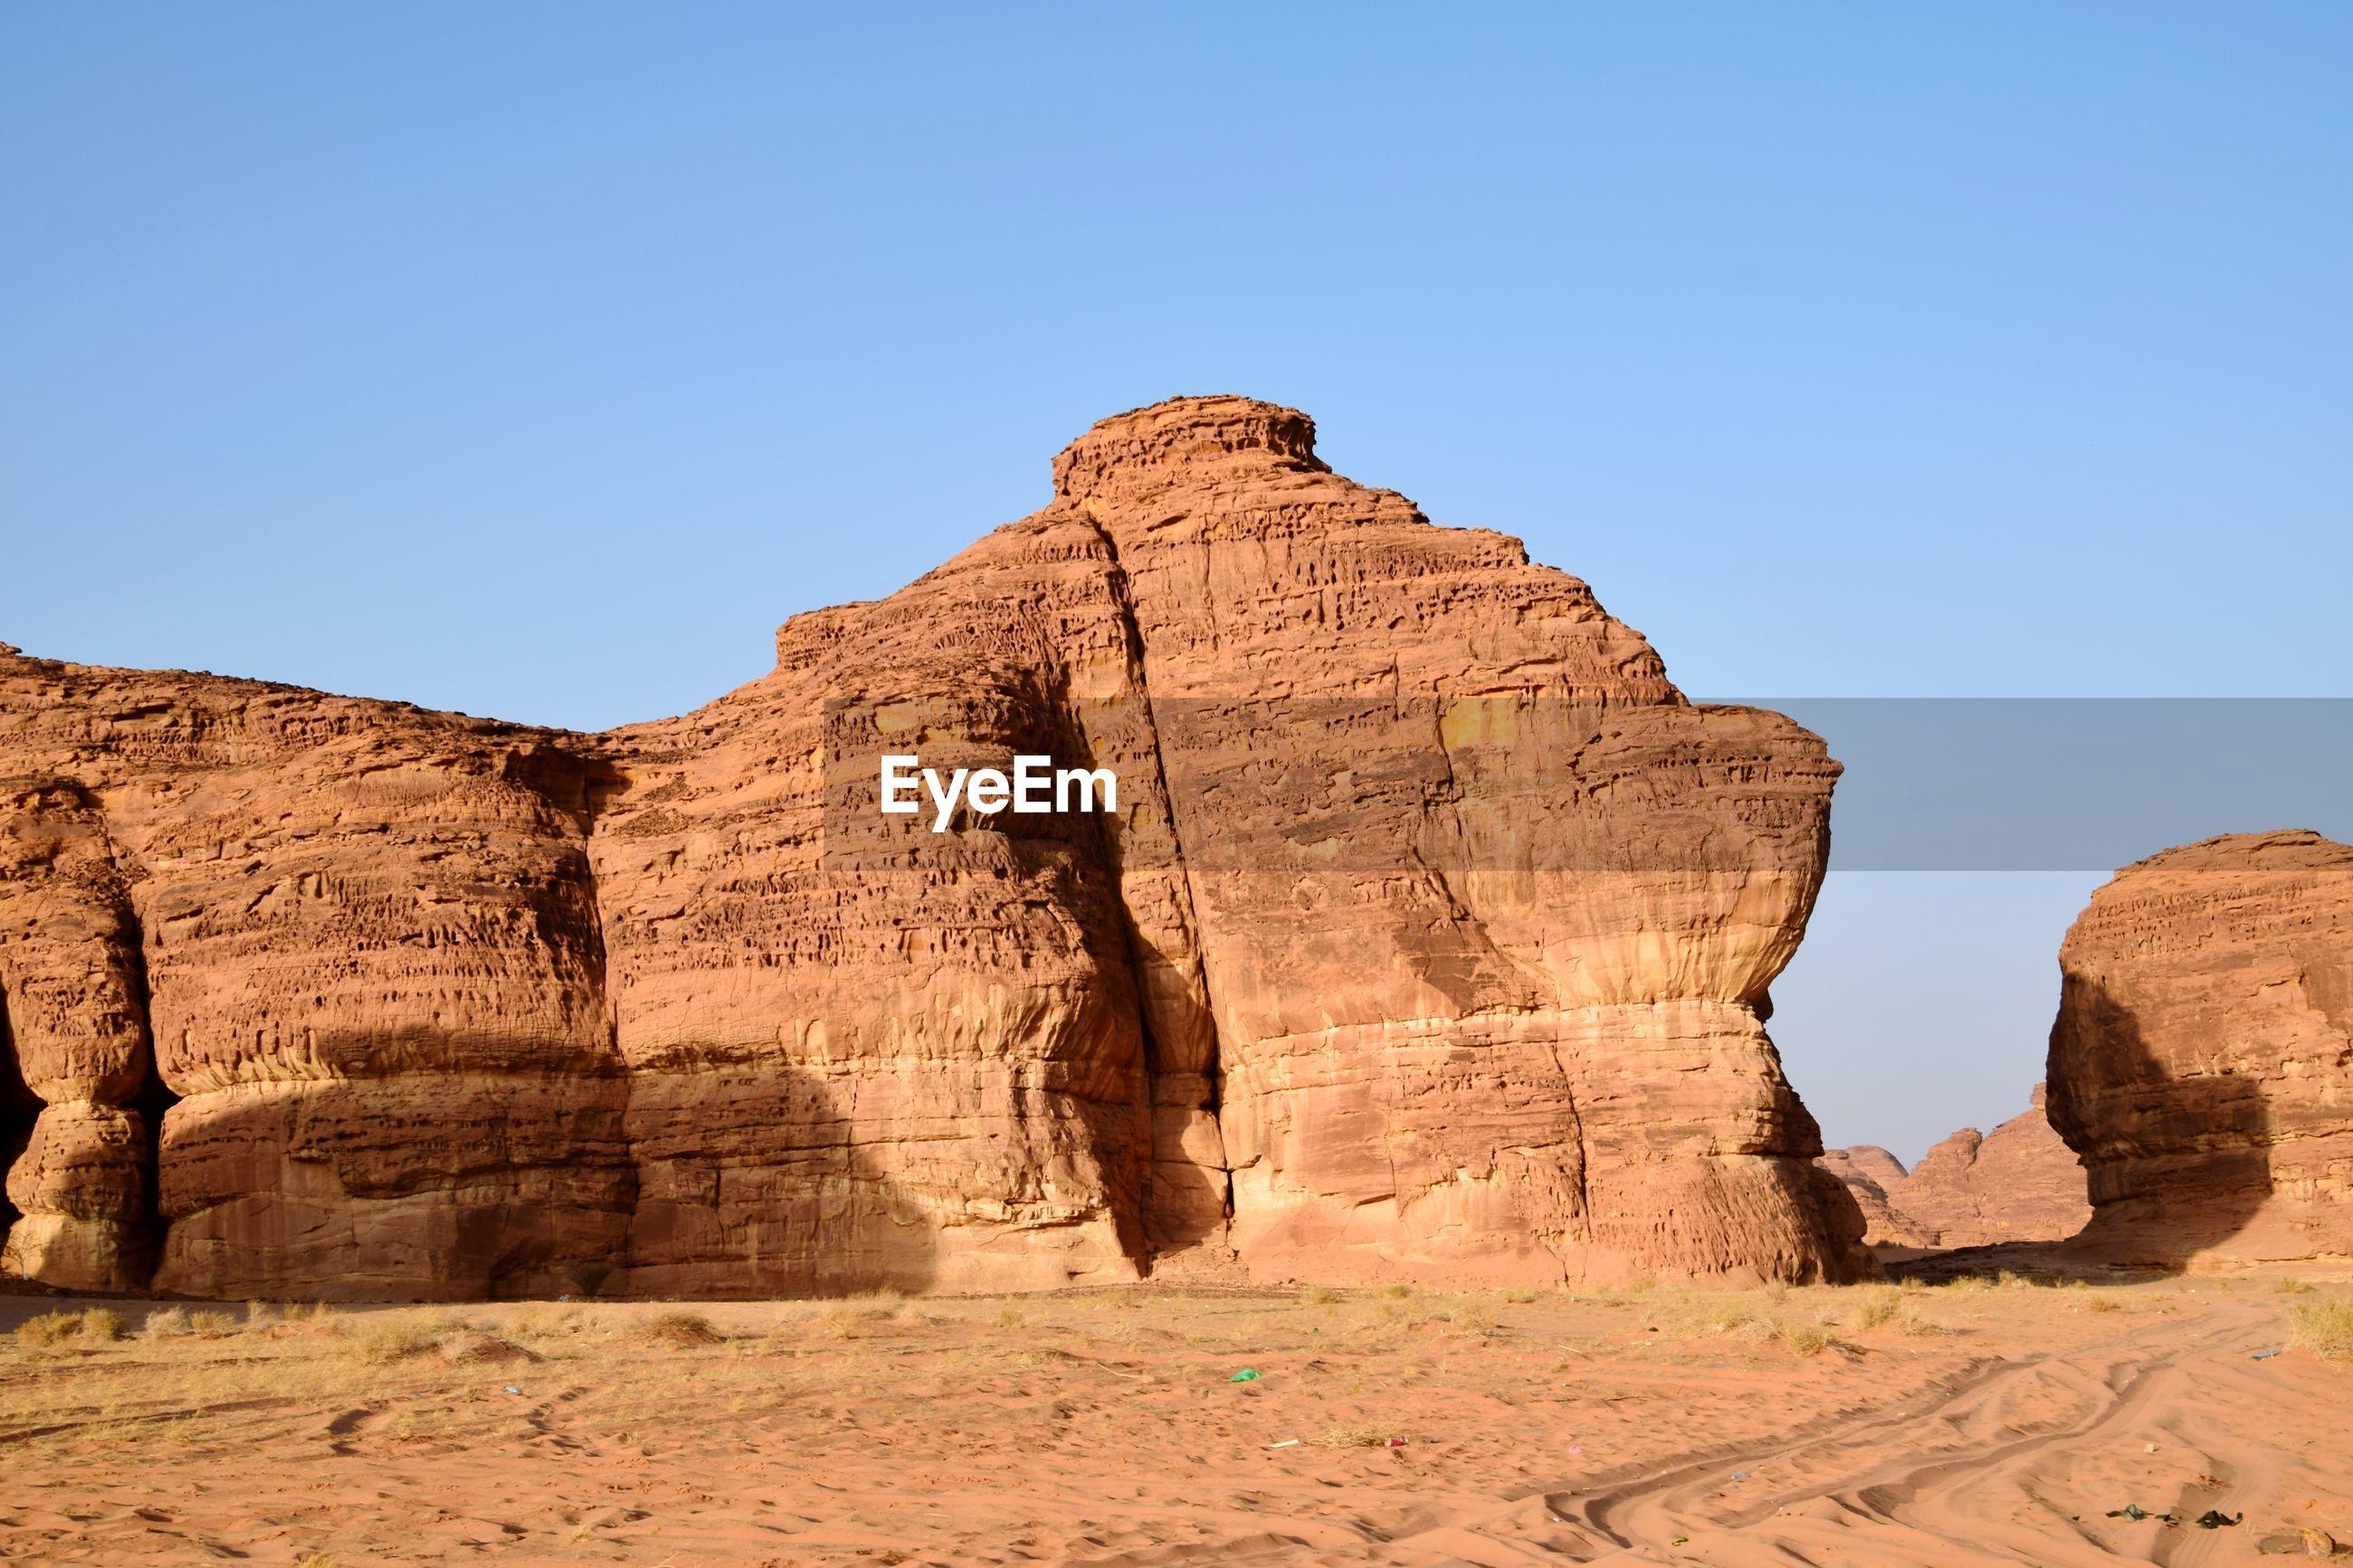 Al ula rock mountain, saudiarabia